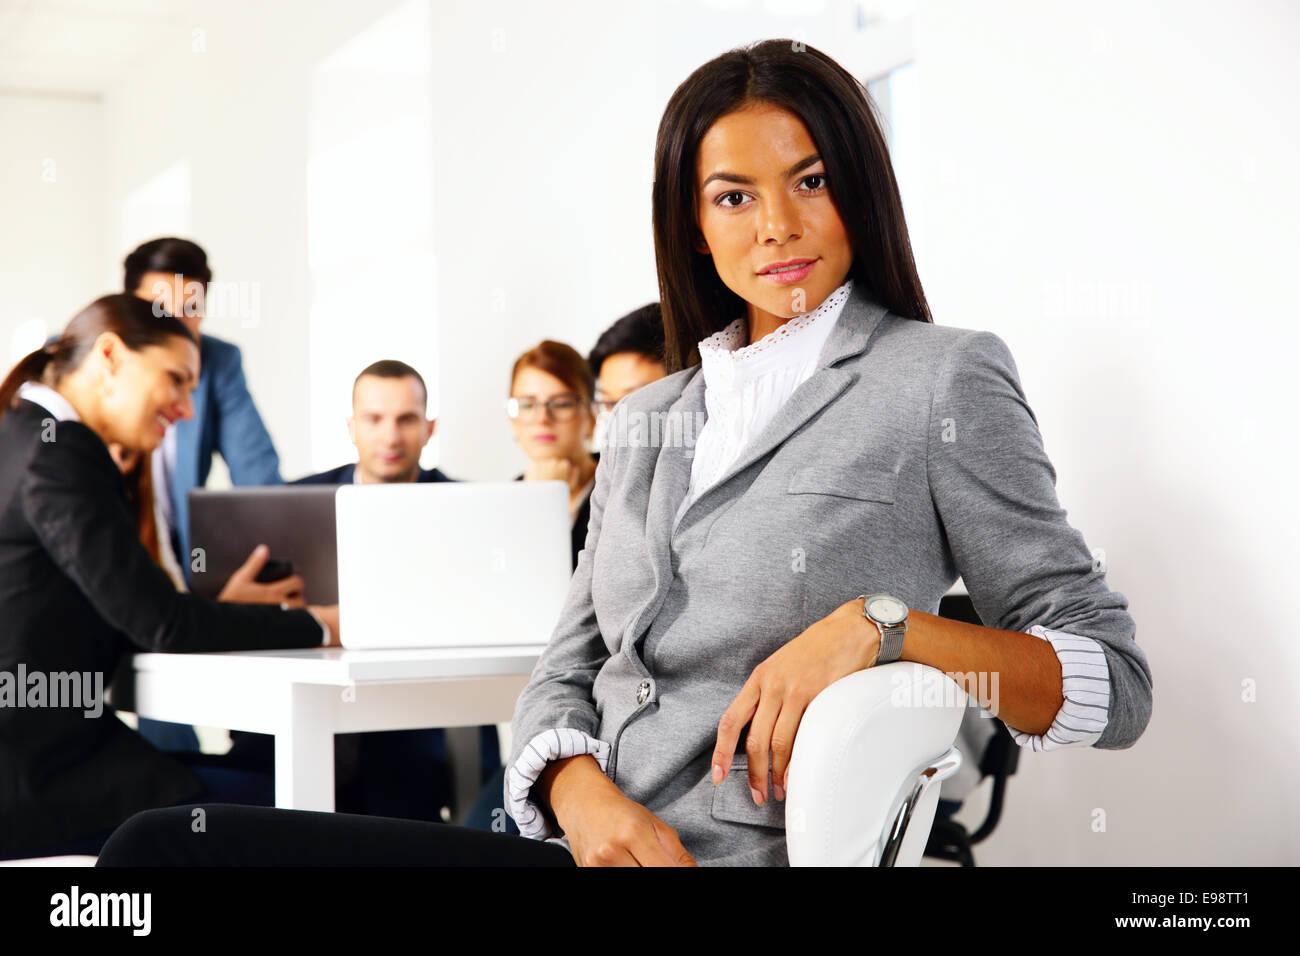 La empresaria sentado en la silla de oficina en frente de reunión de negocios Imagen De Stock